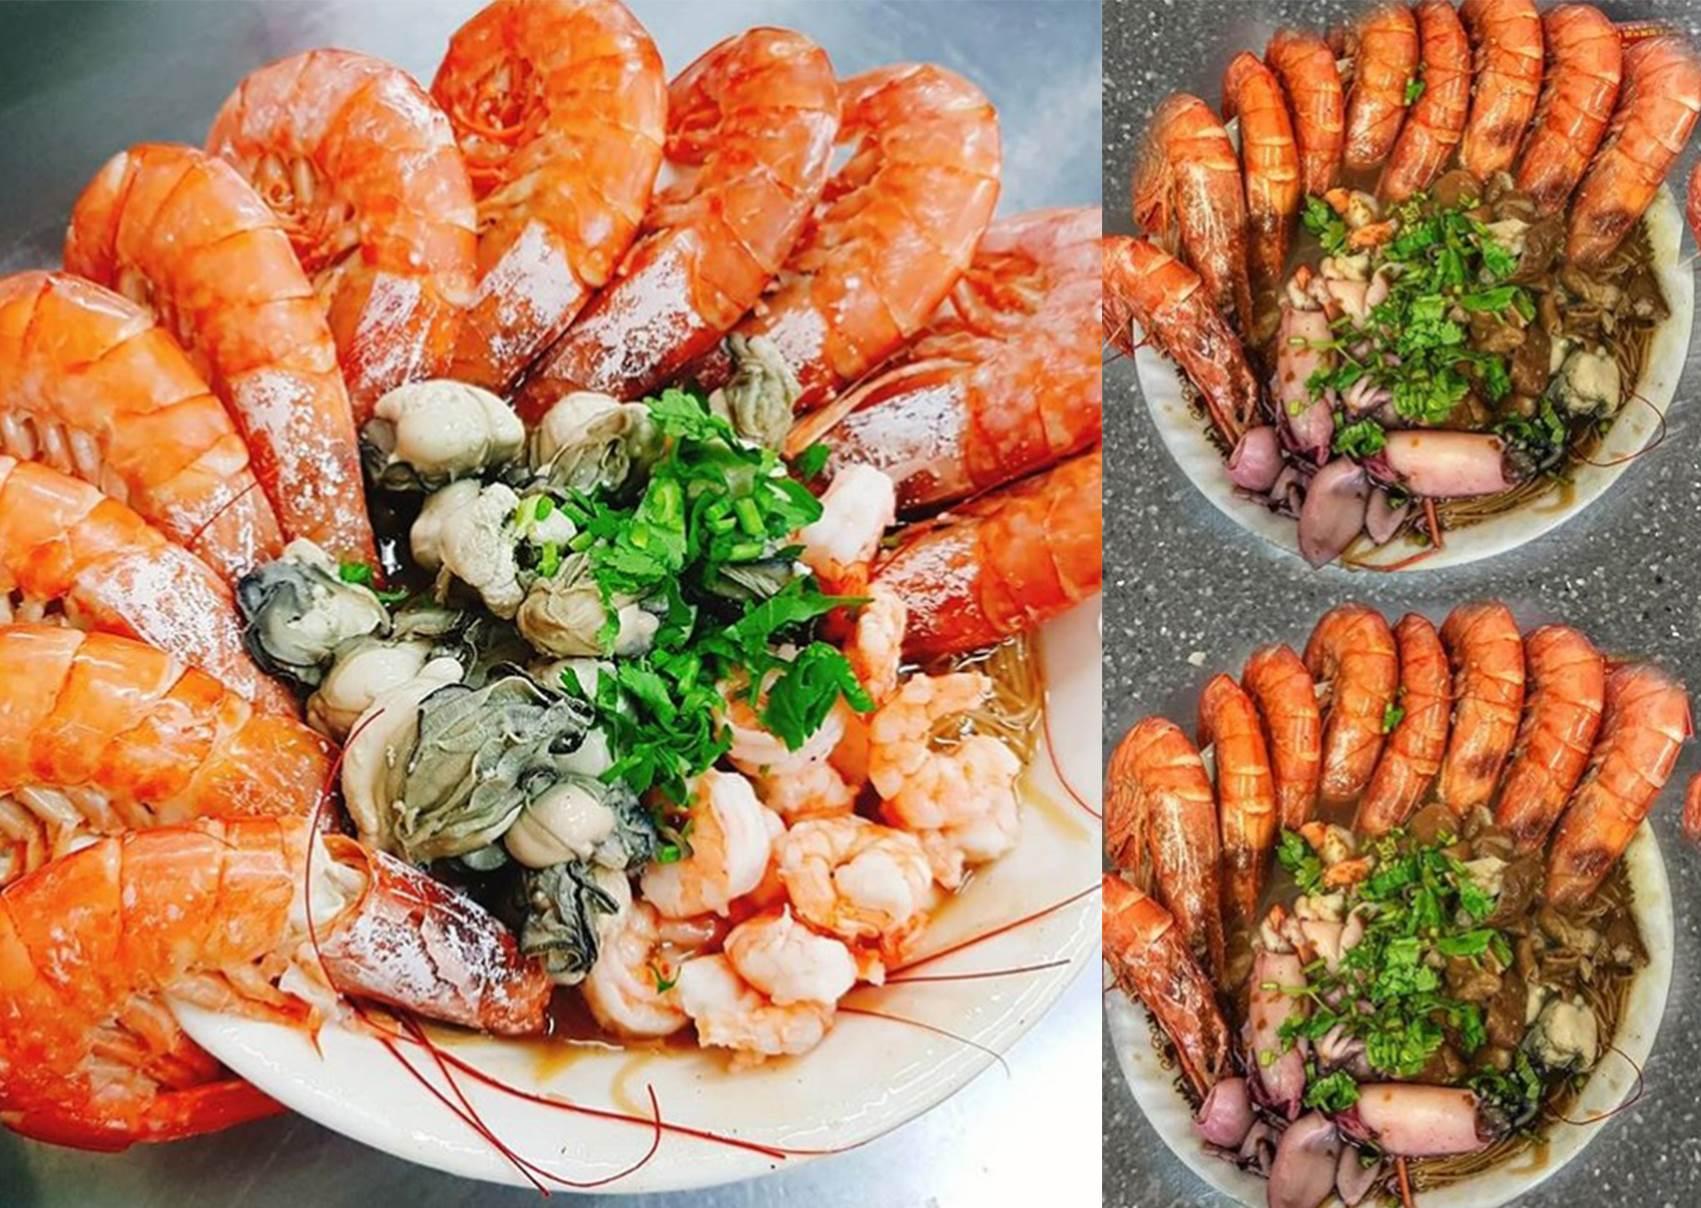 麵線吃到痛風?澎湃系「大腸蚵仔蝦仁麵線」94要你吃飽飽,滿滿海鮮竟還吃得到天使紅蝦跟干貝♥